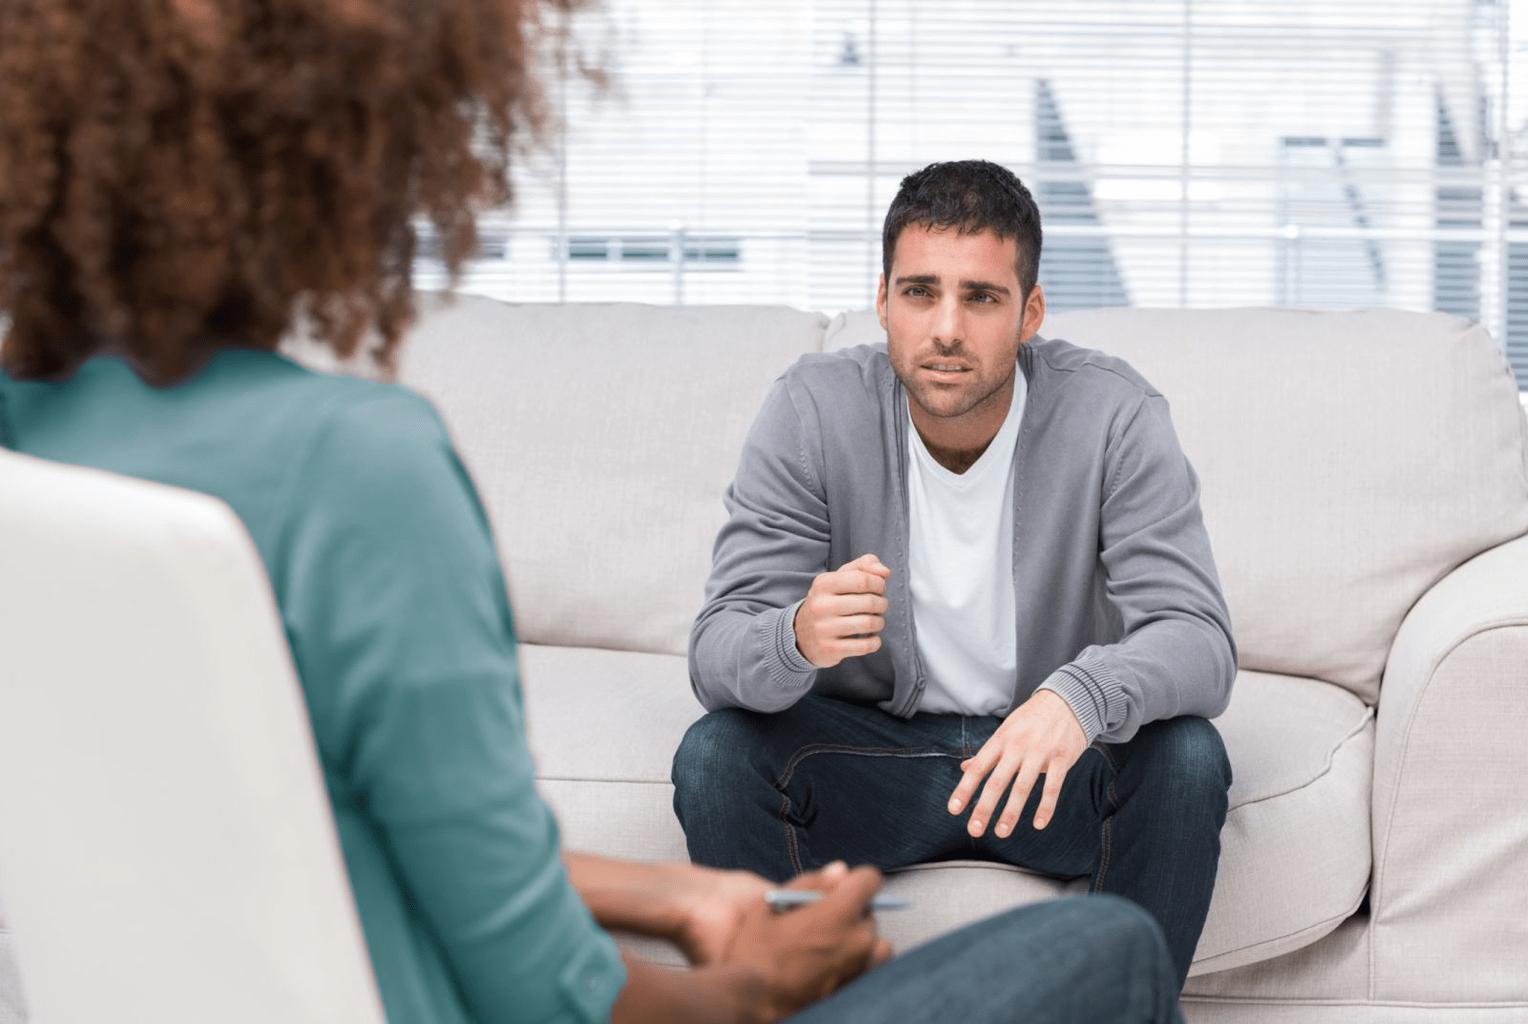 Tipos de terapia – qual o ideal para você? (parte 2)